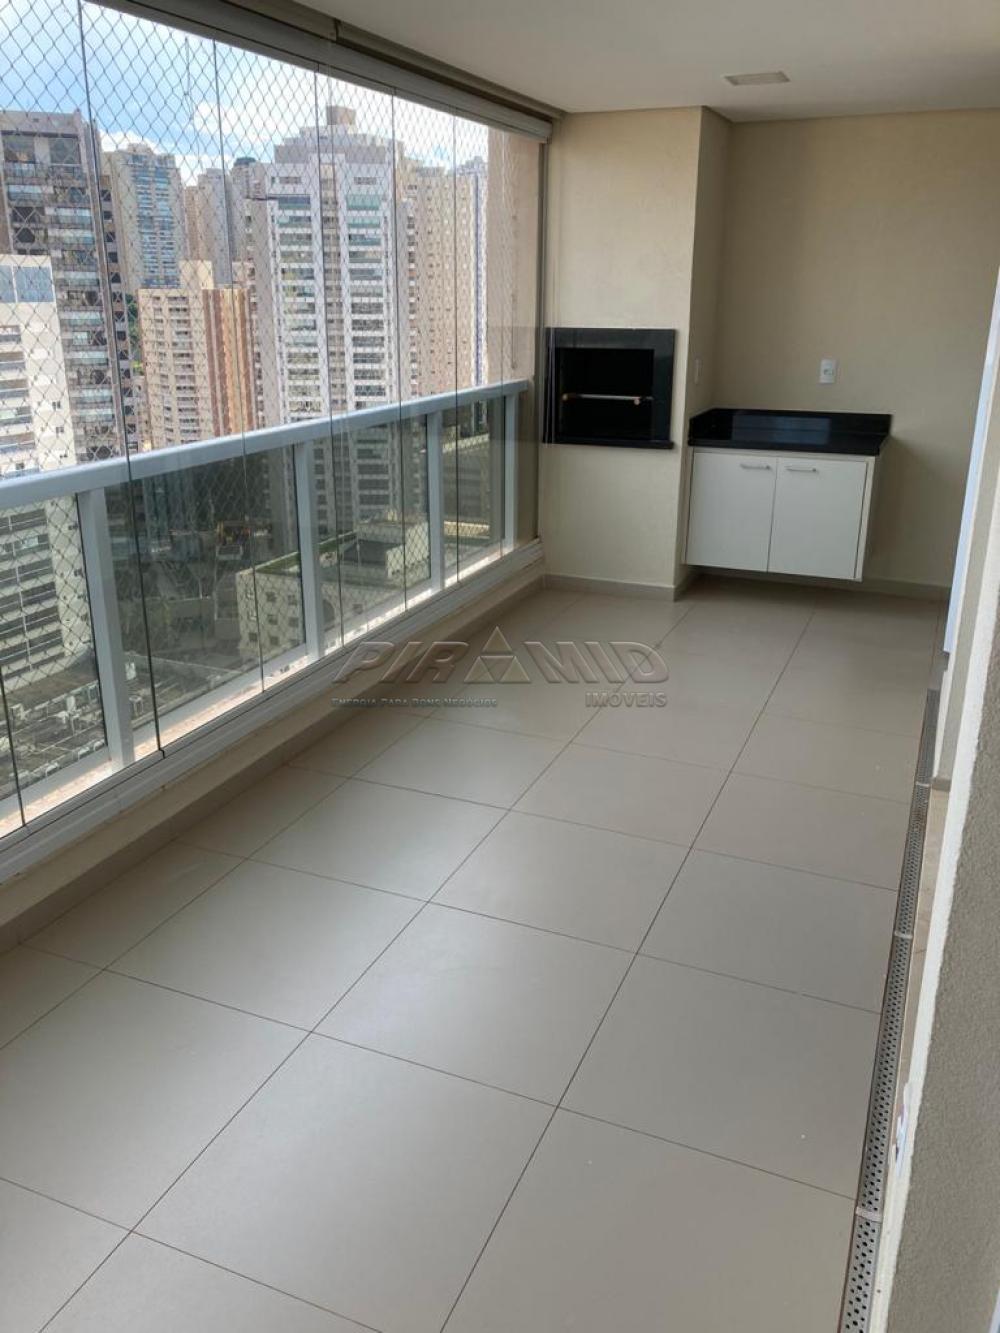 Comprar Apartamento / Padrão em Ribeirão Preto apenas R$ 800.000,00 - Foto 5